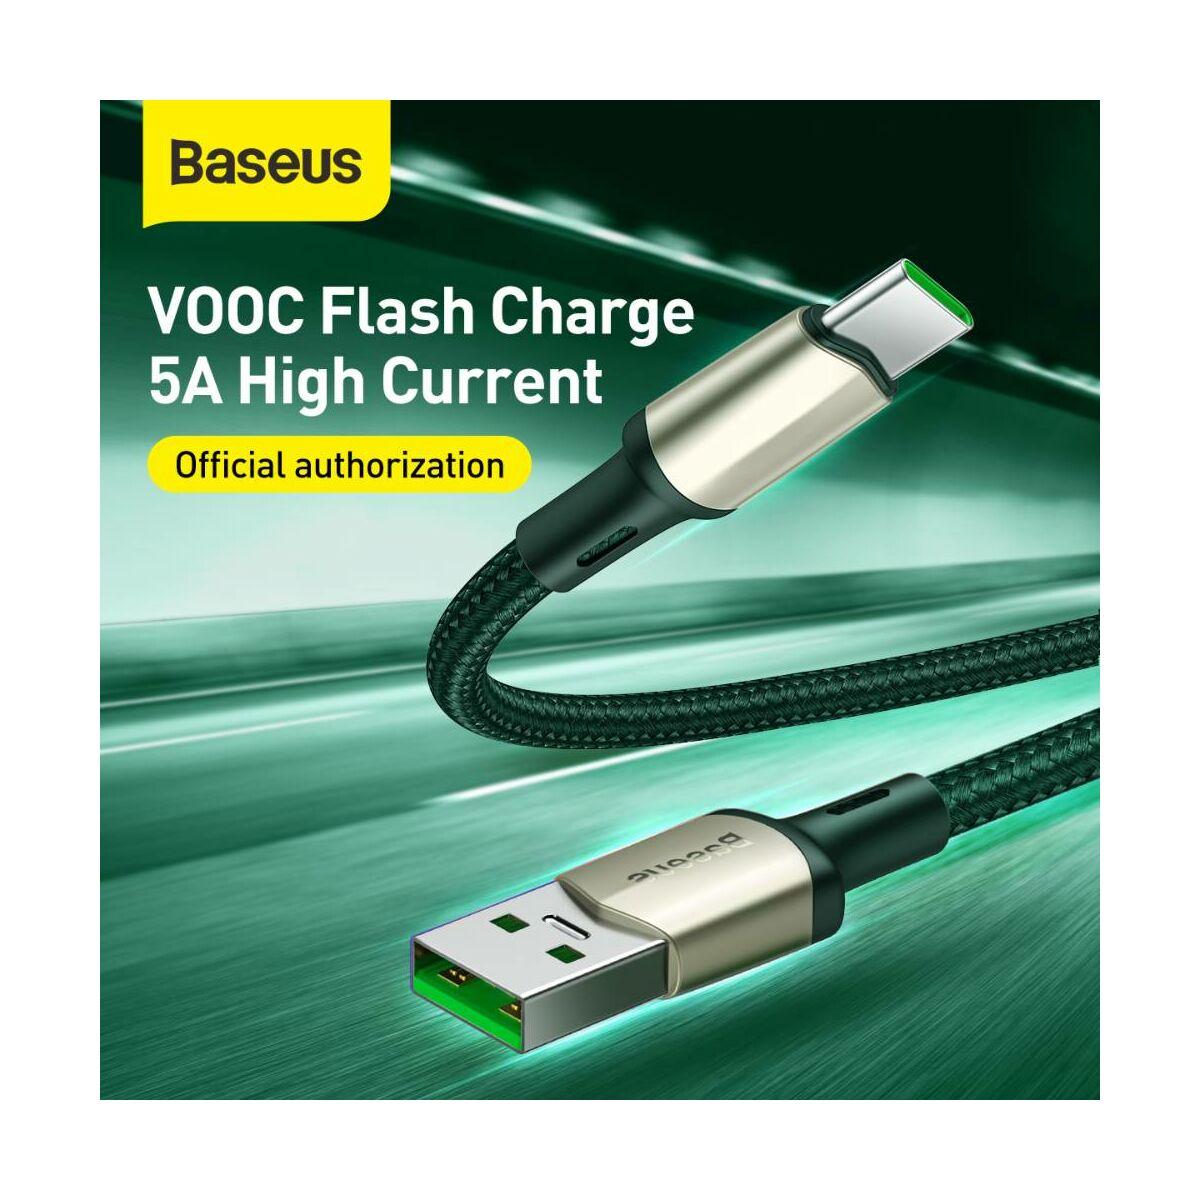 Baseus Type-C kábel Cafule (VOOC támogatás) 480 Mbps adatátviteli sebesség, 5A, 2m, zöld (CATKLF-VB06)